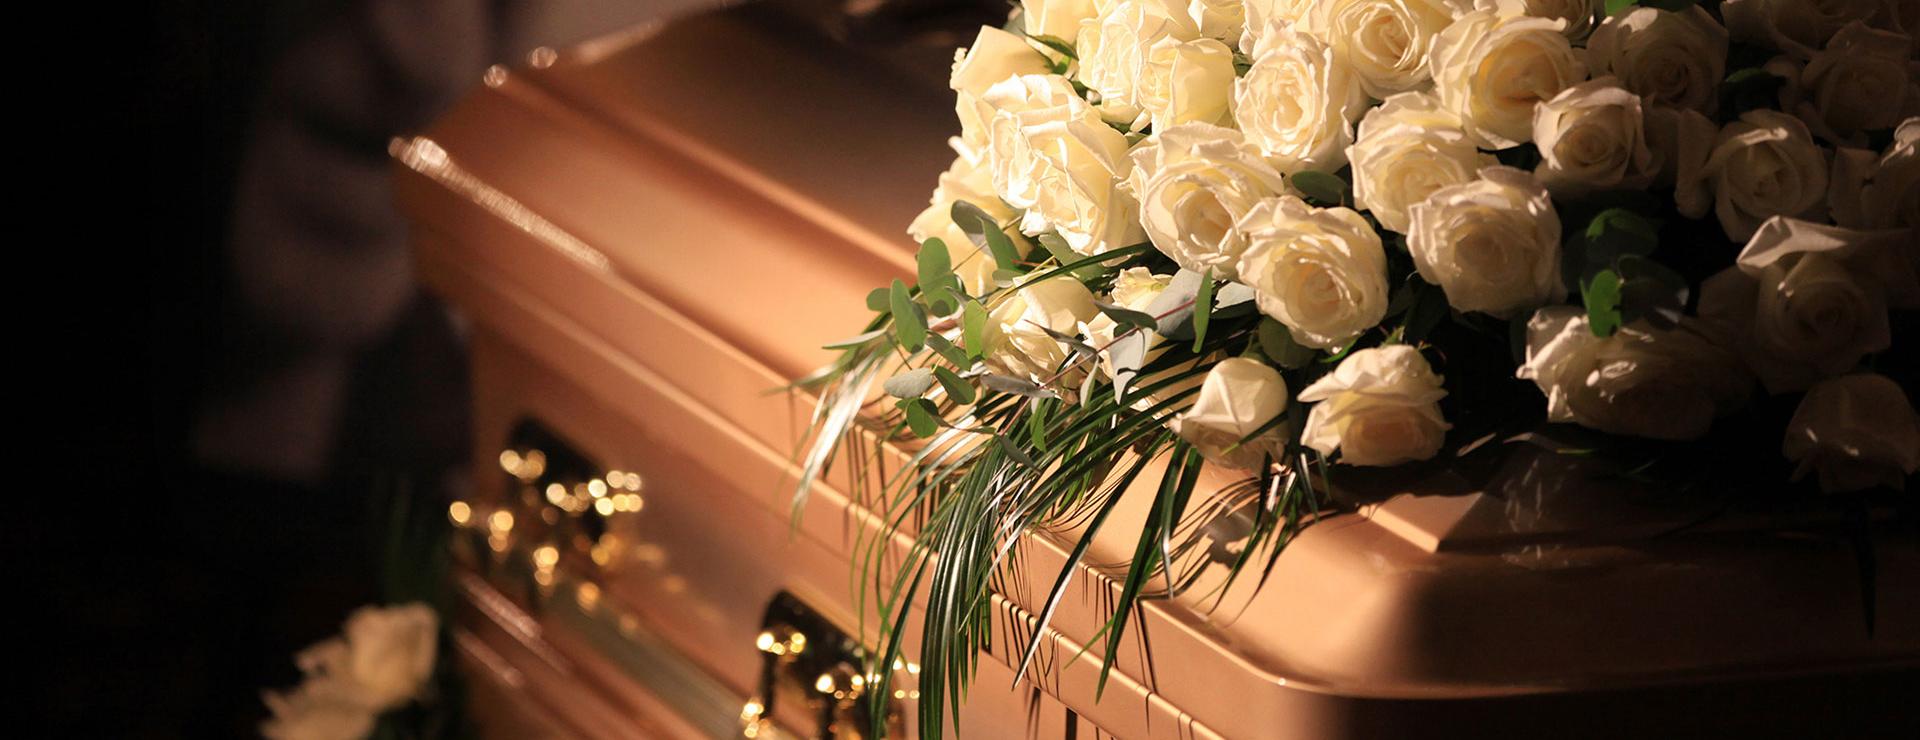 pogrzeby we wrocławiu - RIP